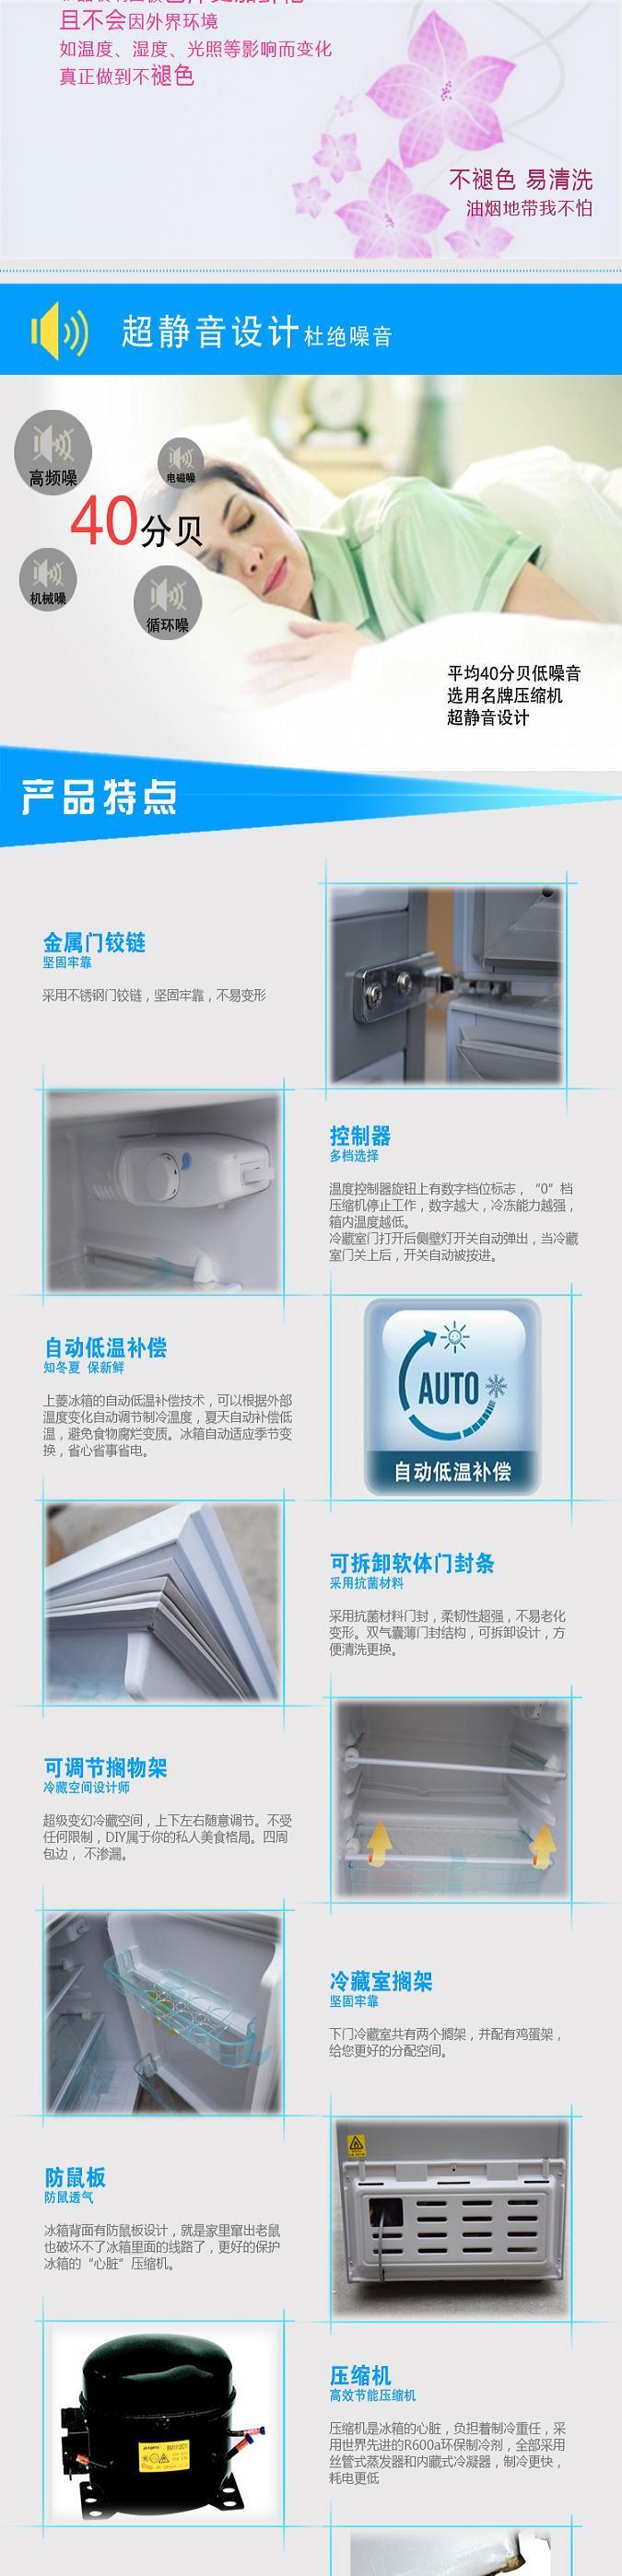 电冰箱/冰柜 电冰箱 >> 上菱(shangling)bcd-112 双门冰箱 水仙白 112